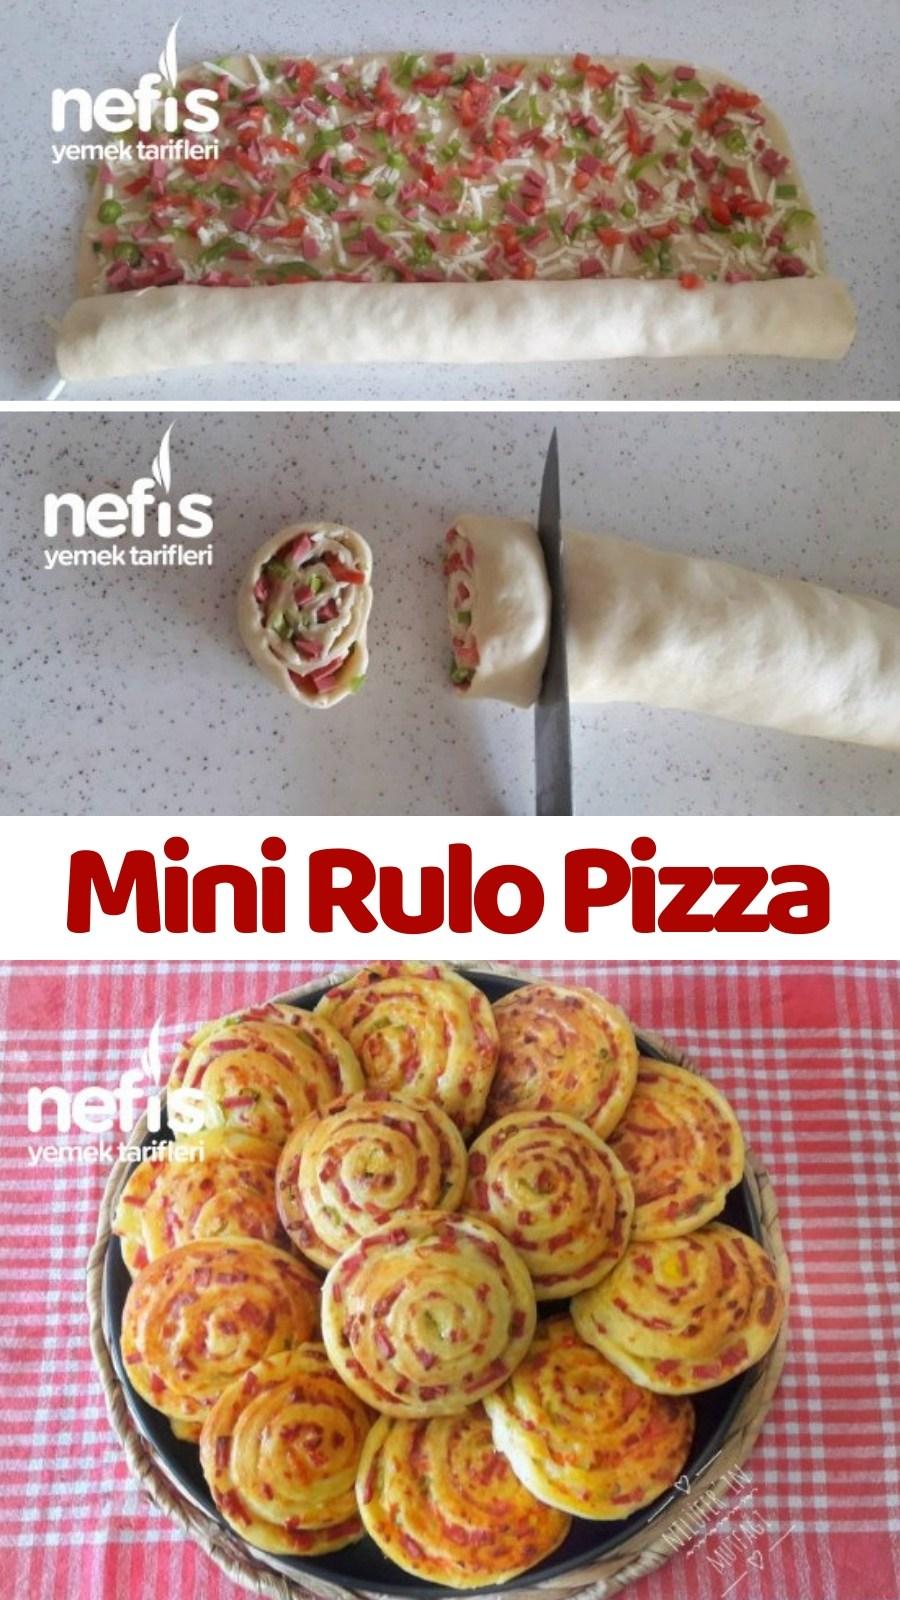 Mini Rulo Pizza Tarifi nasıl yapılır 2237 kişinin defterindeki Mini Rulo Pizza Tarifinin resimli anlatımı ve deneyenlerin fotoğrafları burada Yazar Nilüferin Mutfağı